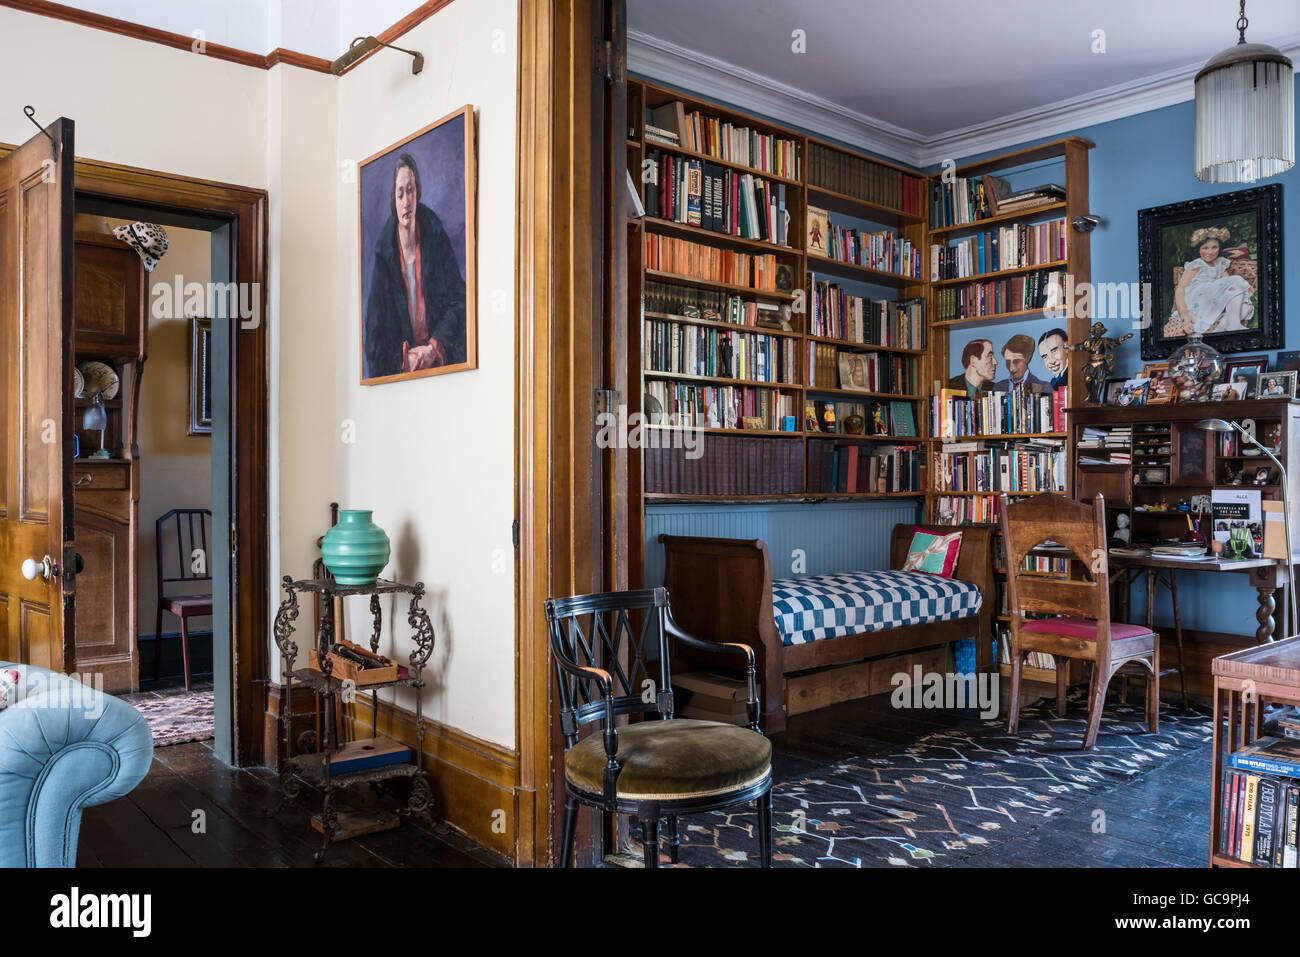 Estanterías de madera encima antique diván en casa estudio de Notting Hill, Londres, Reino Unido. Imagen De Stock